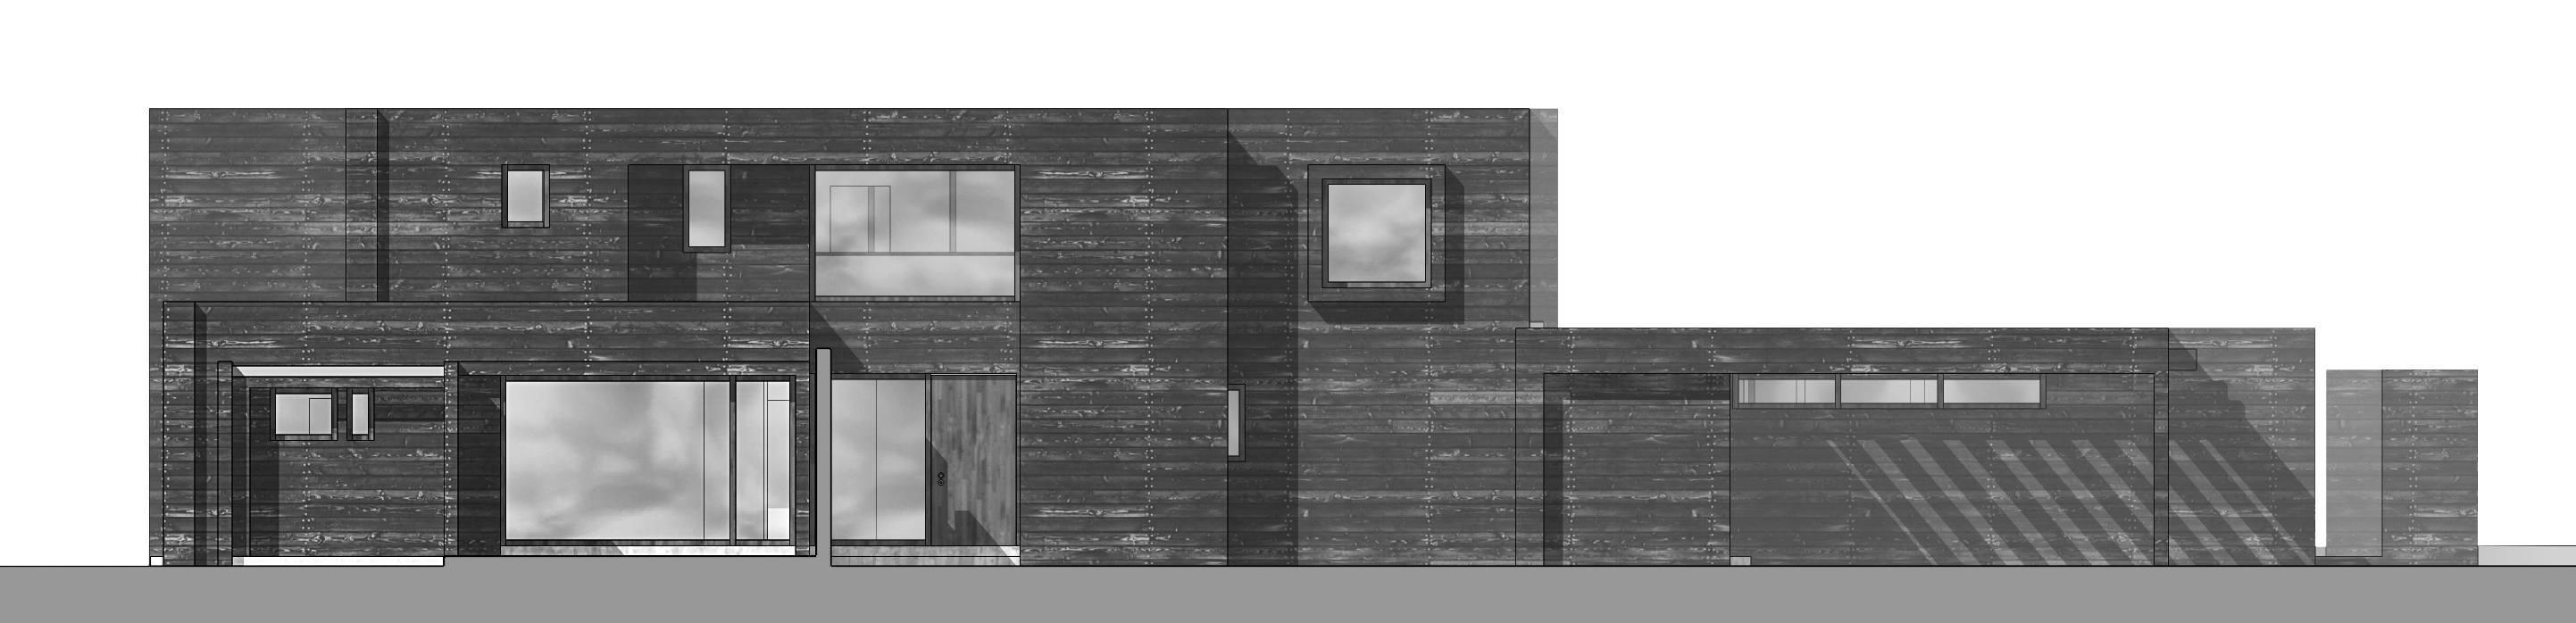 poniente gray bmed